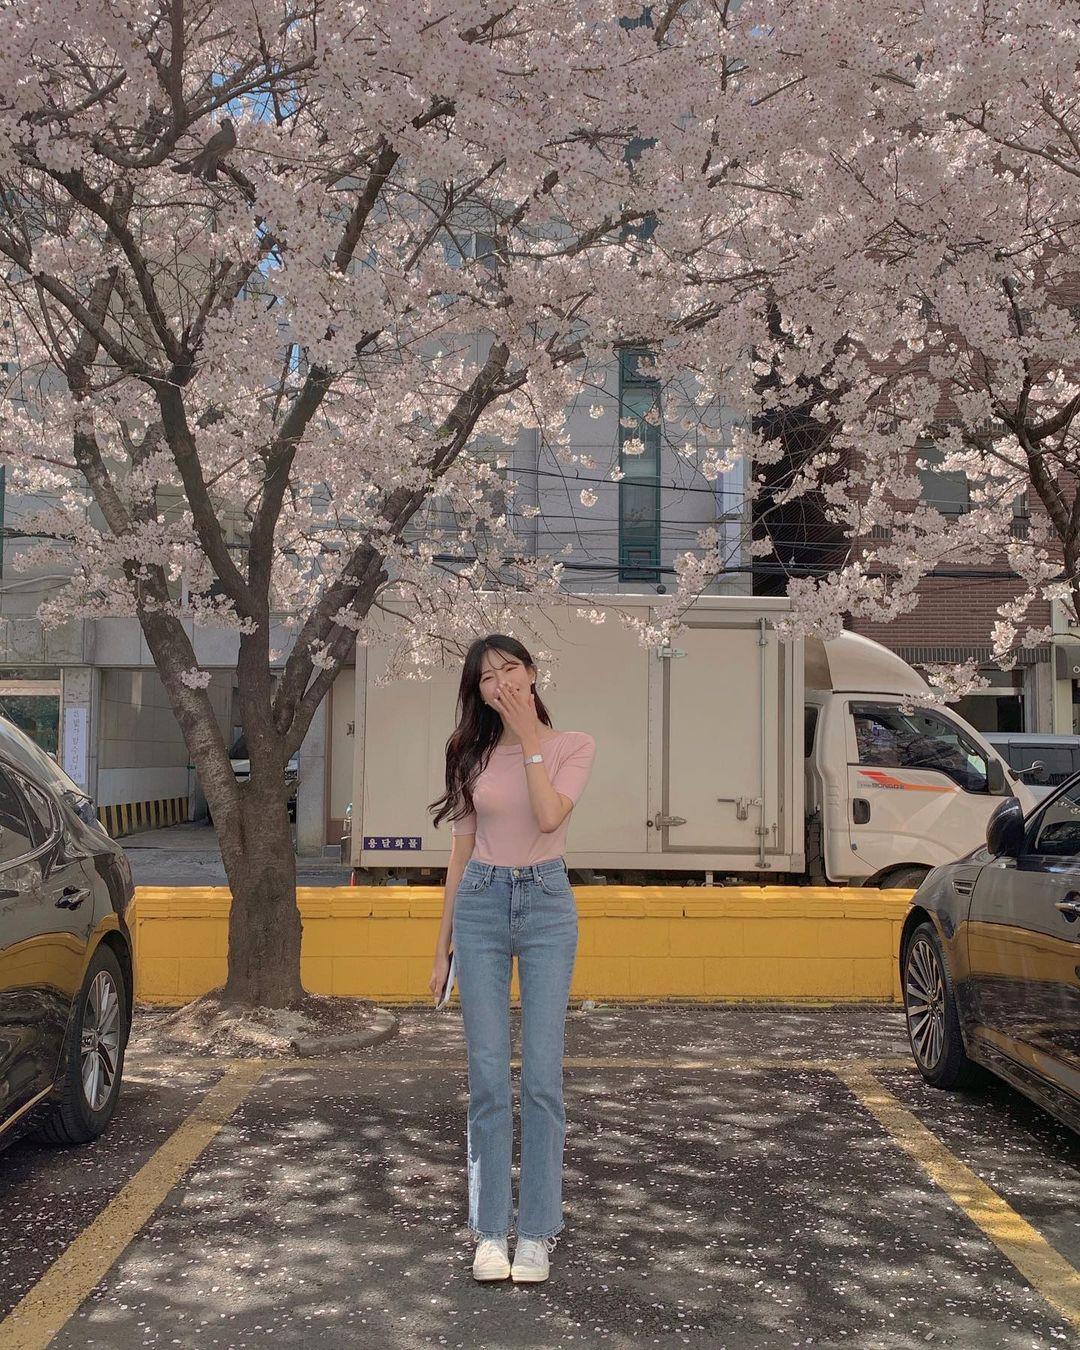 """Học nàng blogger Hàn cách diện jeans """"đỉnh của chóp"""": Vừa hack dáng vừa thanh lịch để đến sở làm - Ảnh 3"""